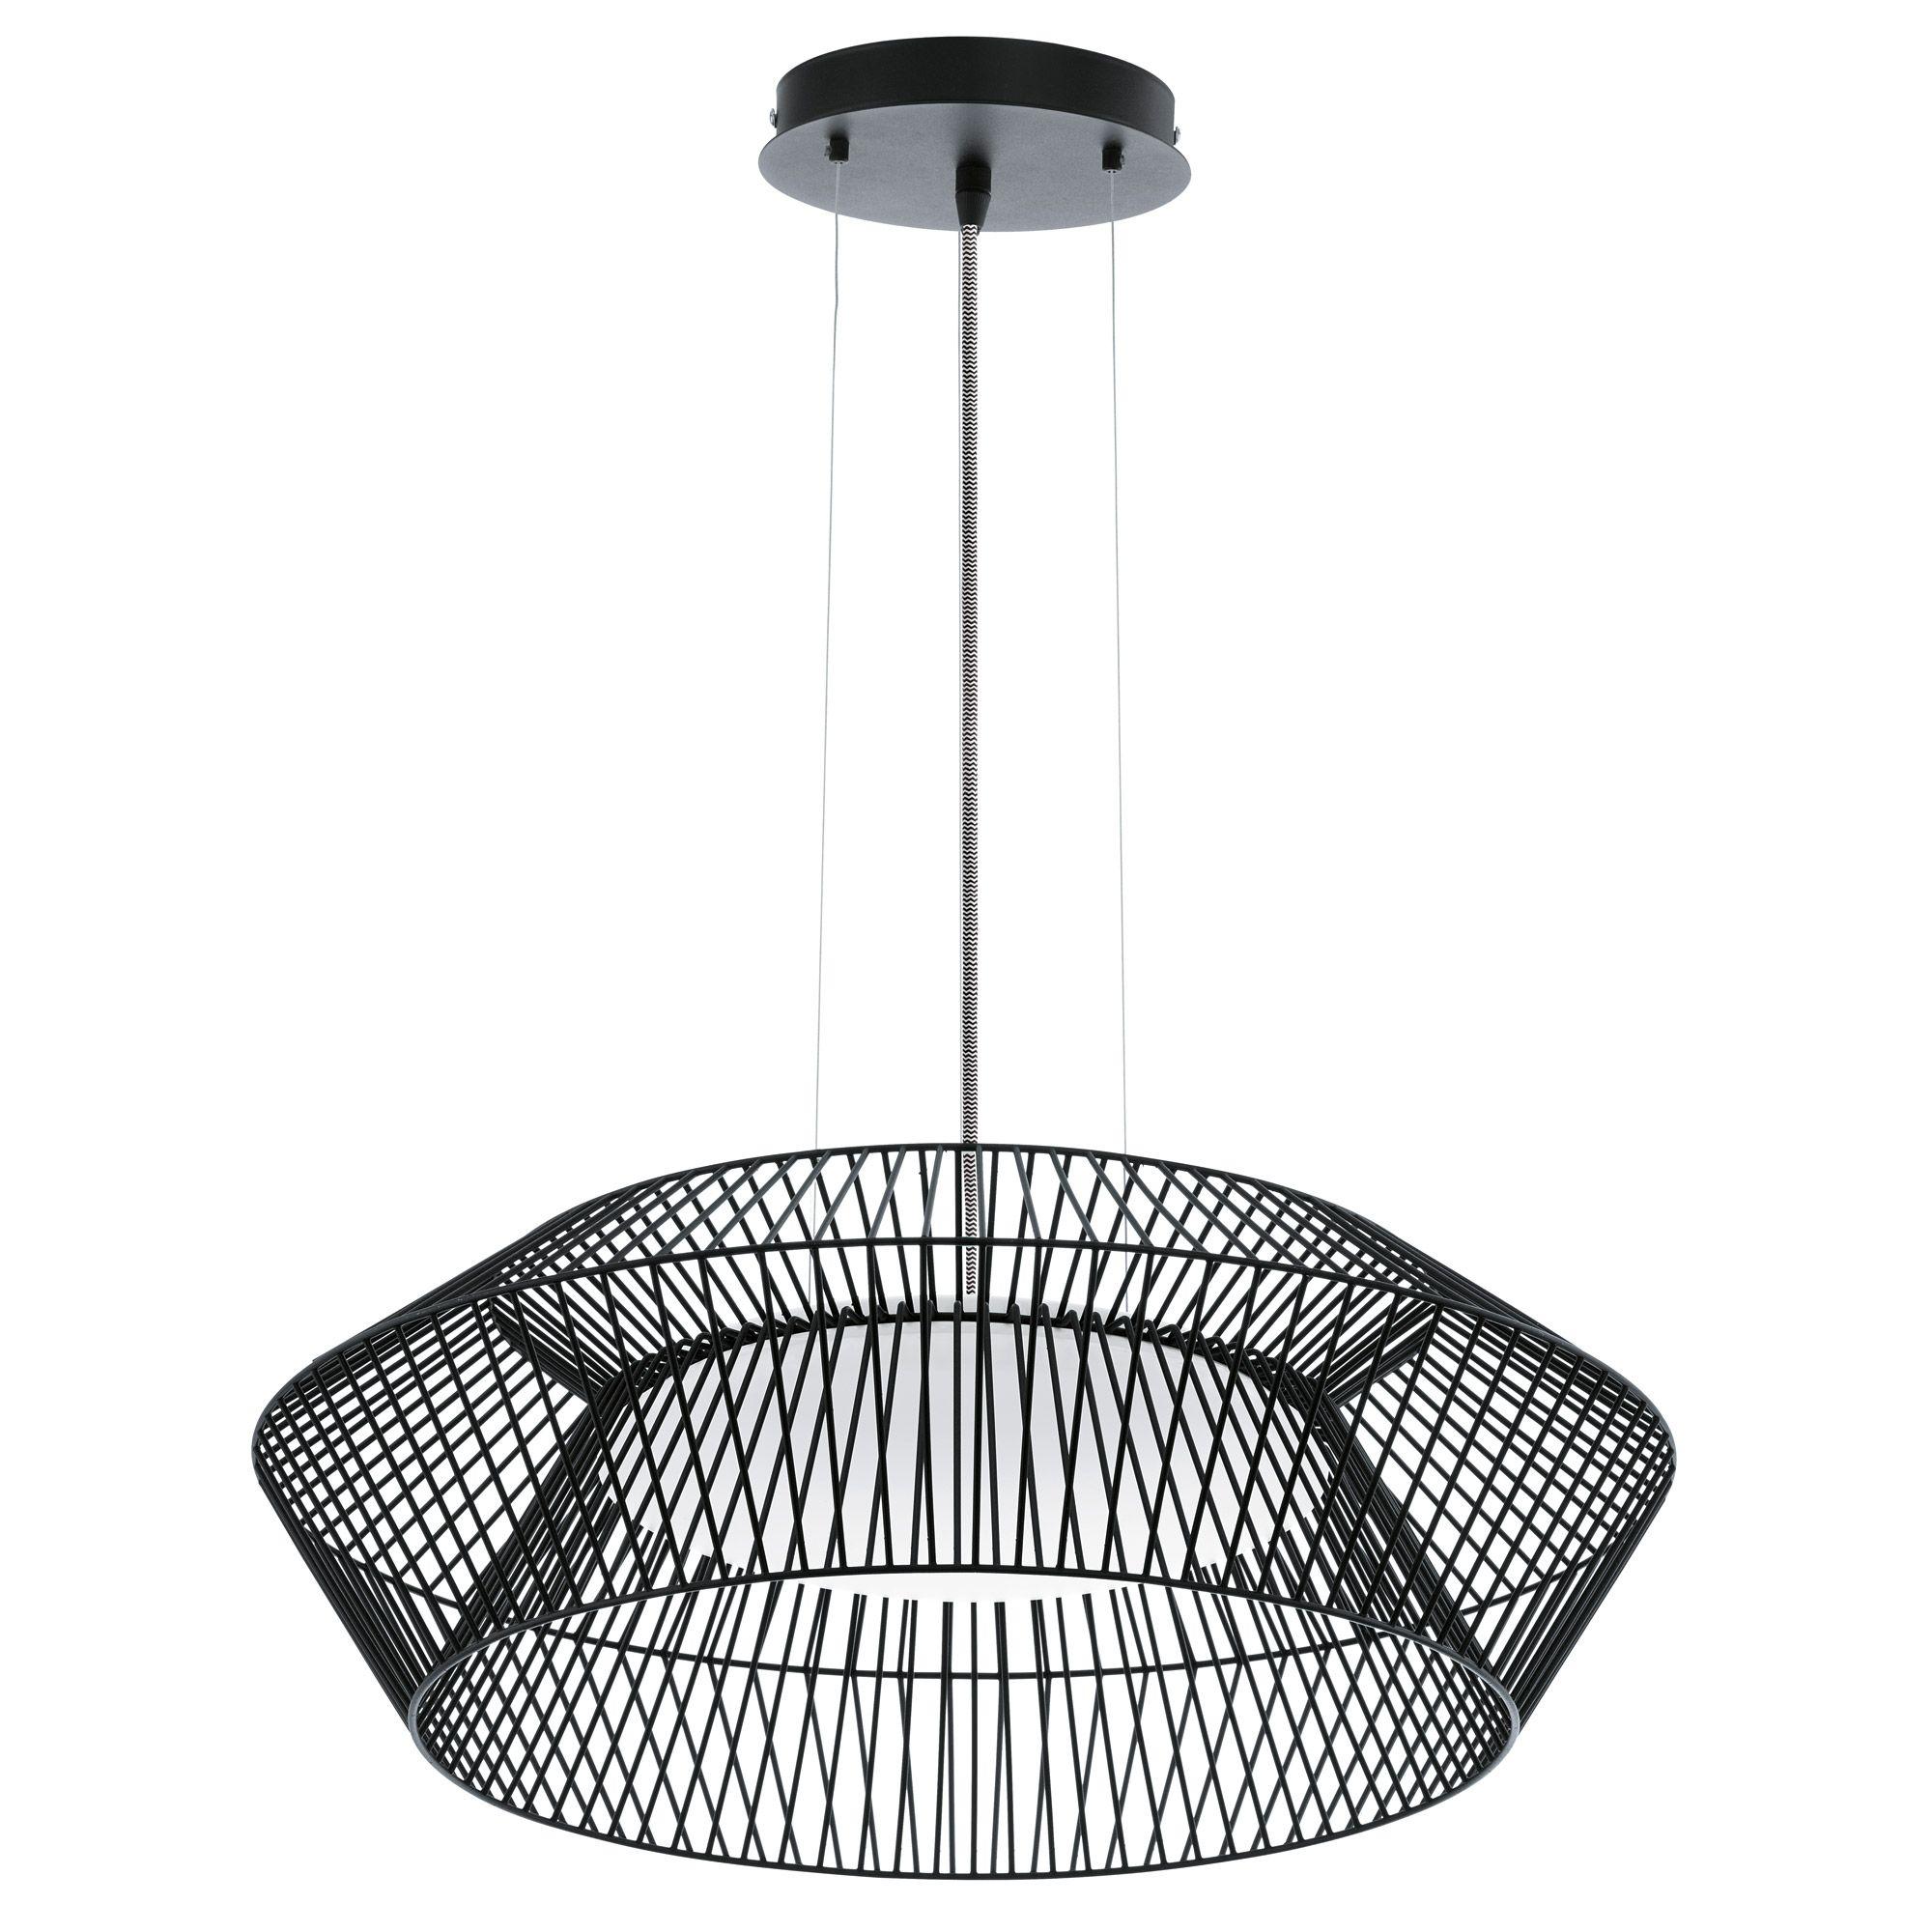 Suspension cylindre en fil de métal LED diamètre 58cm Piastre